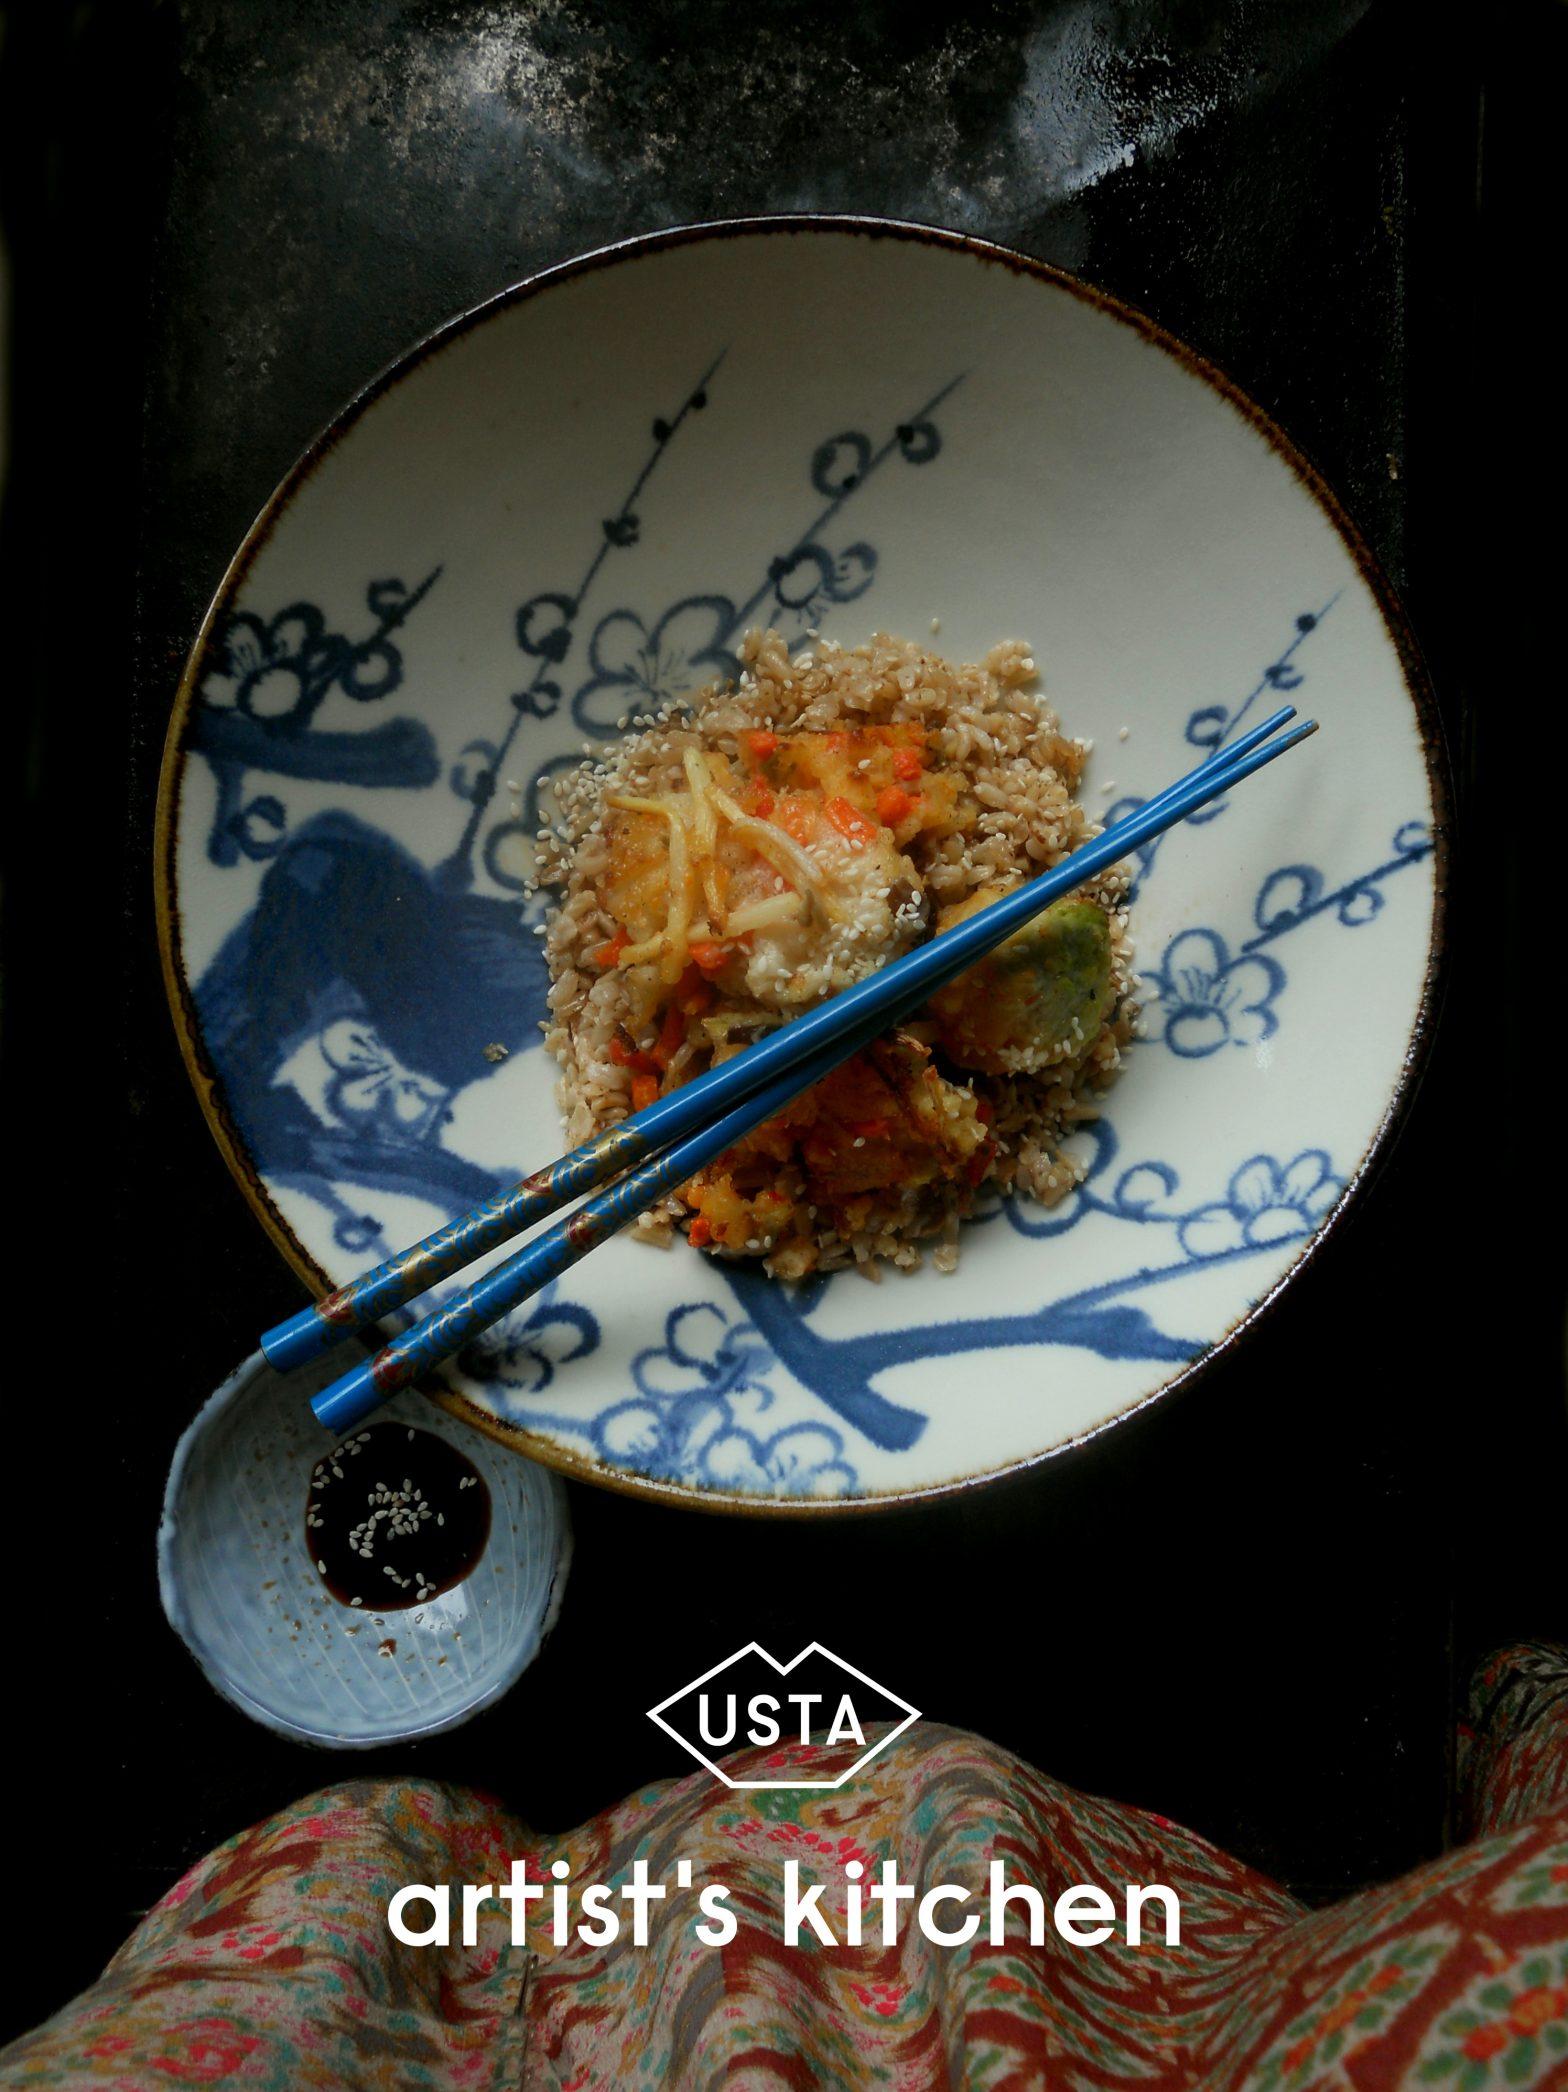 Jeść jak Georgia O'Keefee: brązowy ryż z imbirem